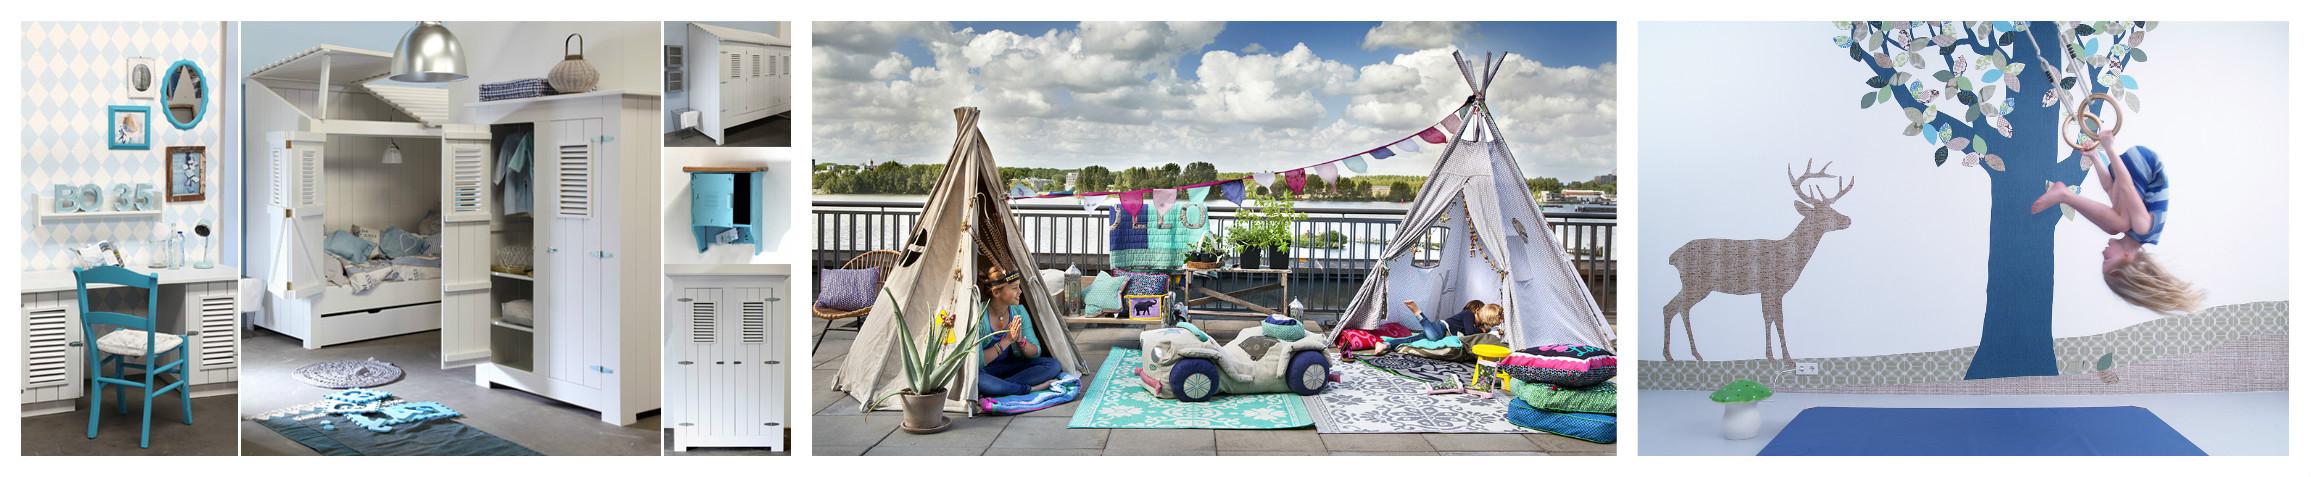 Kinderkamer styling tips. een verzamelwebsite met de mooiste kinderkamer decoratie en shoptips